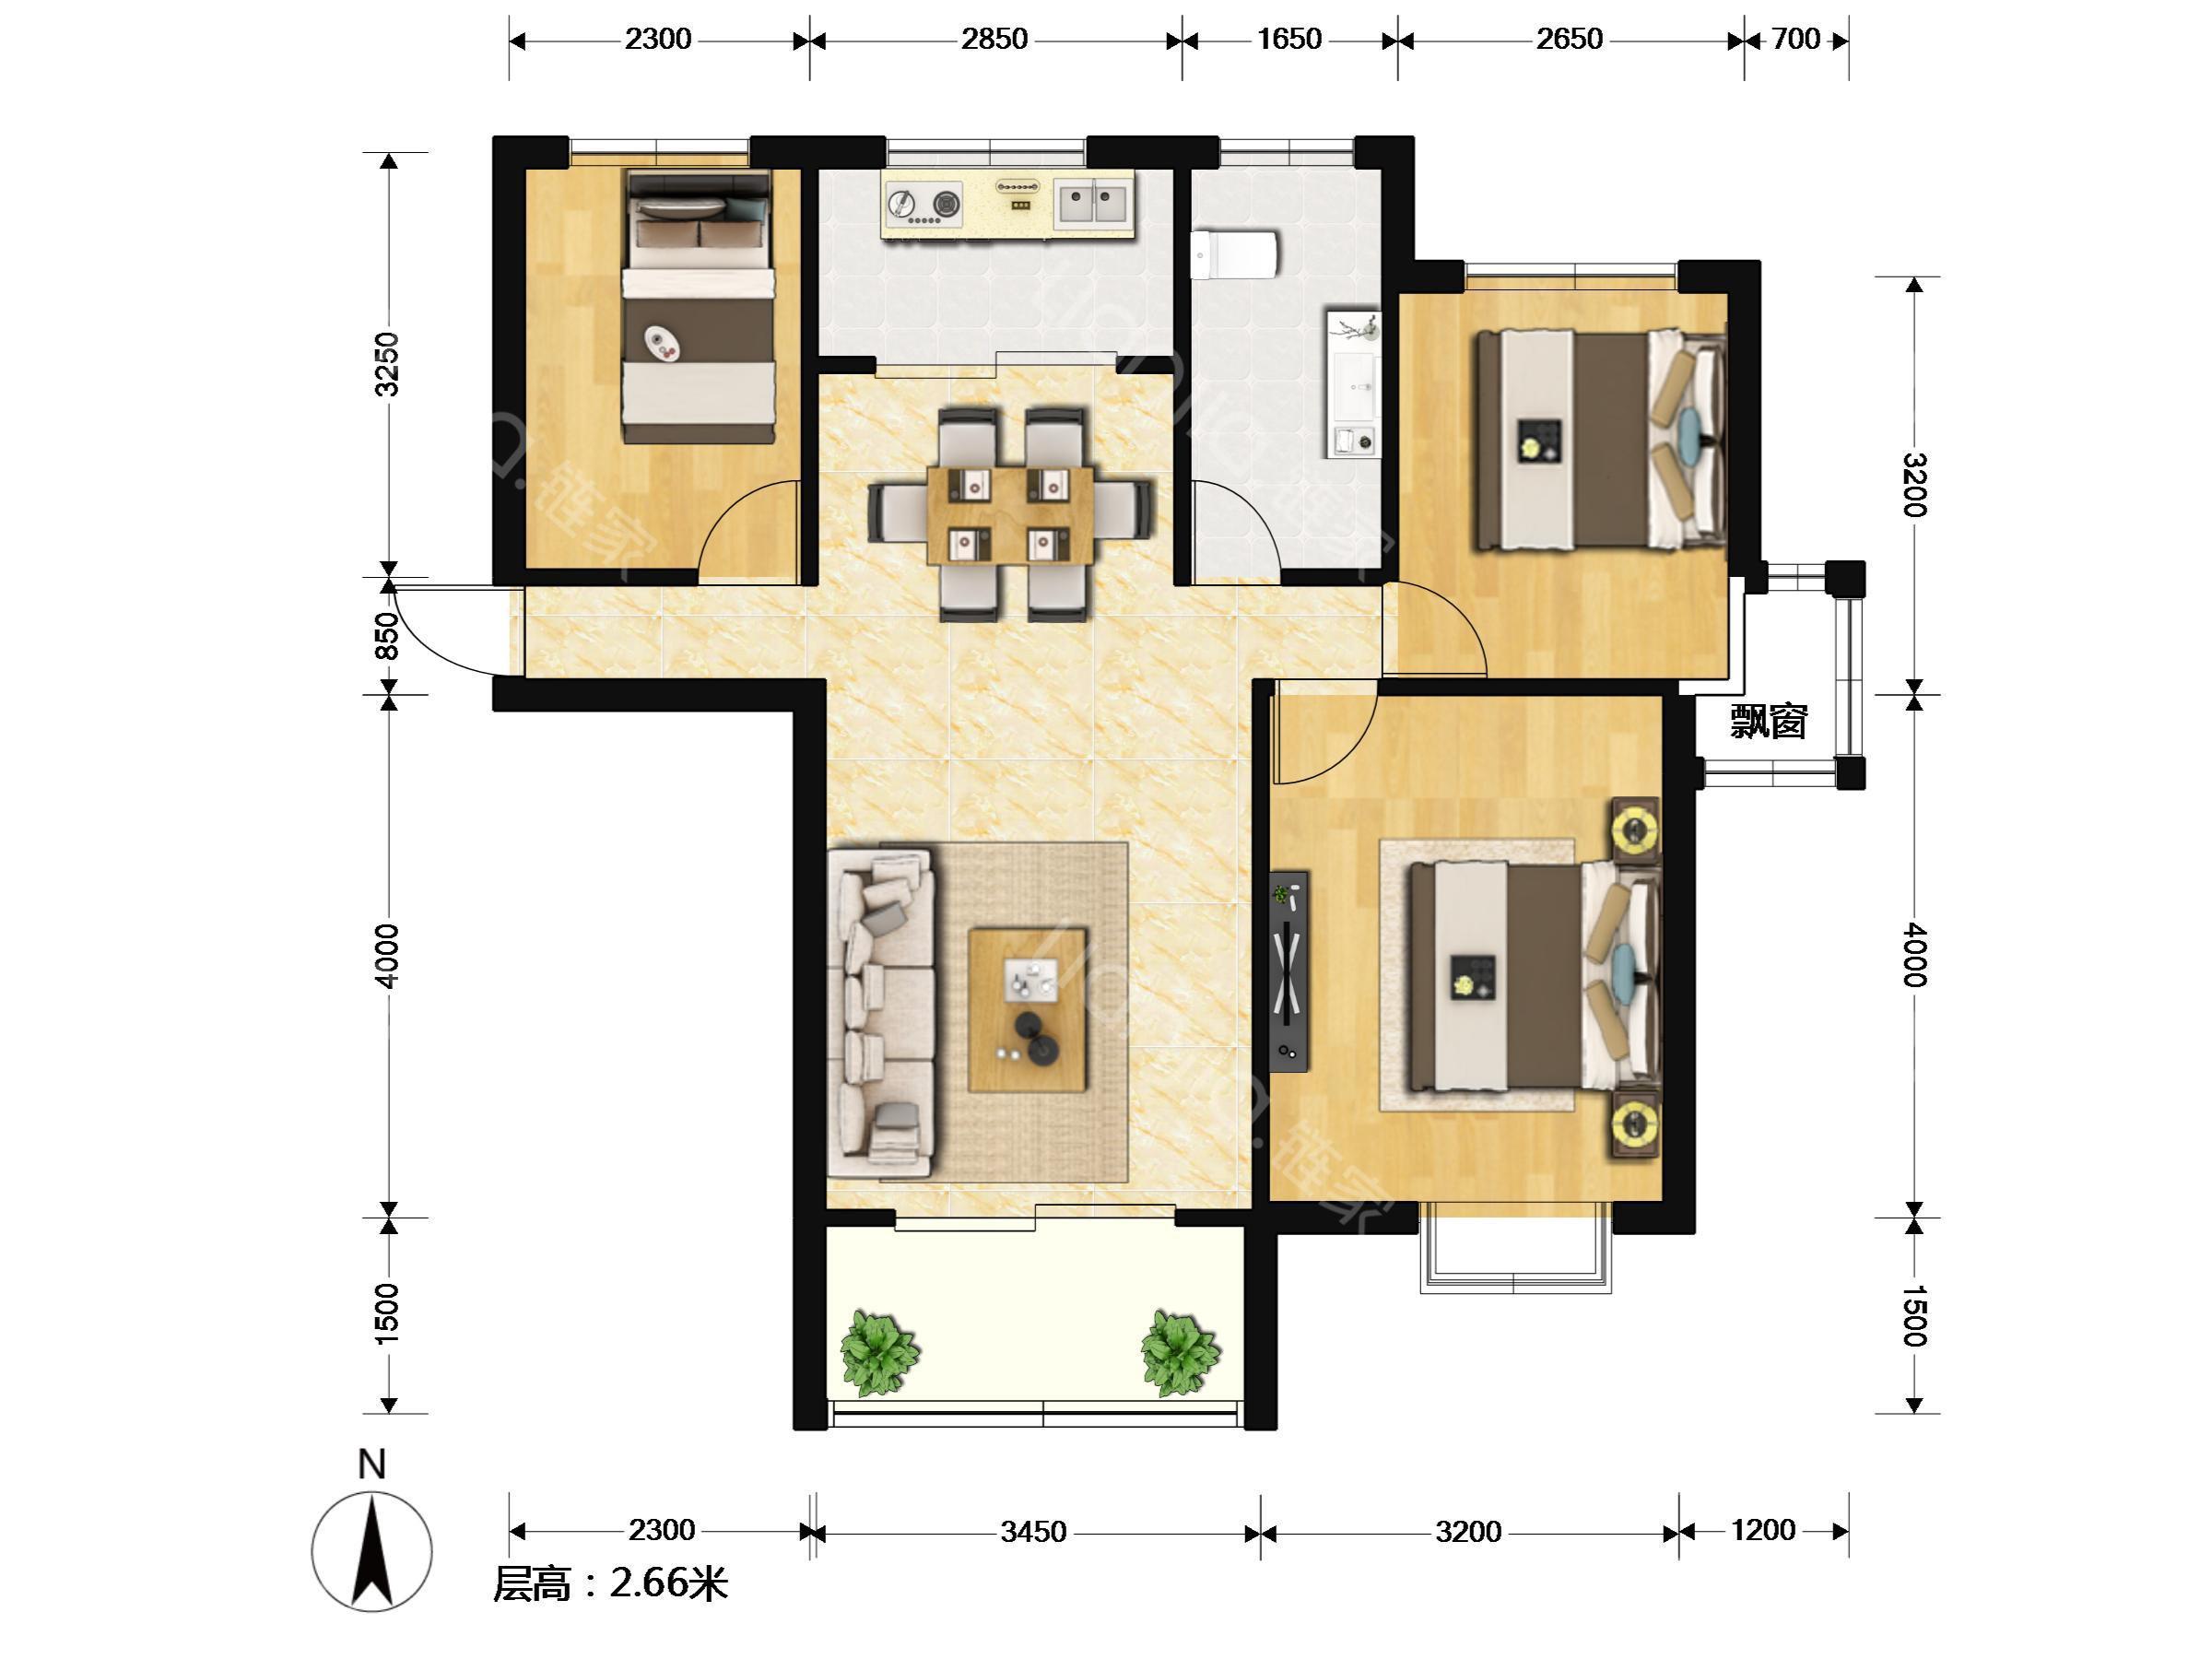 【户型装修】 南北通透,17楼的6楼,两房朝南,一房朝北,真正的飞机户型